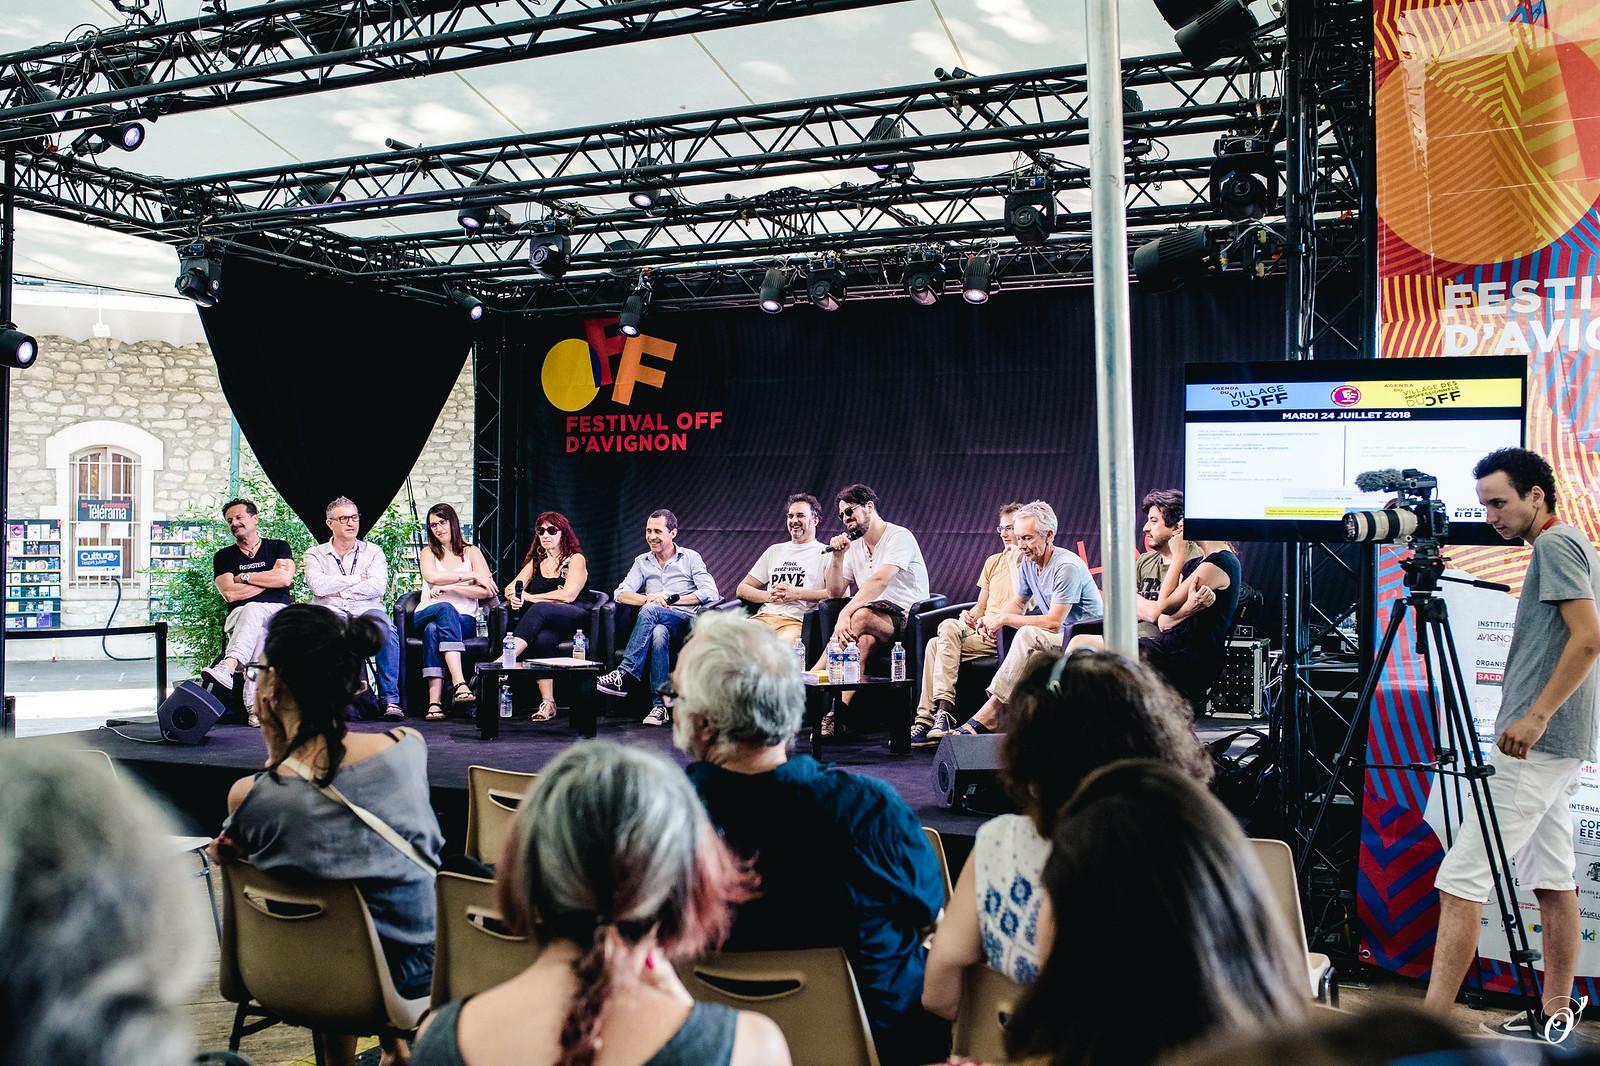 Rencontre avec le Conseil d'Administration d'Avignon Festival & Compagnies